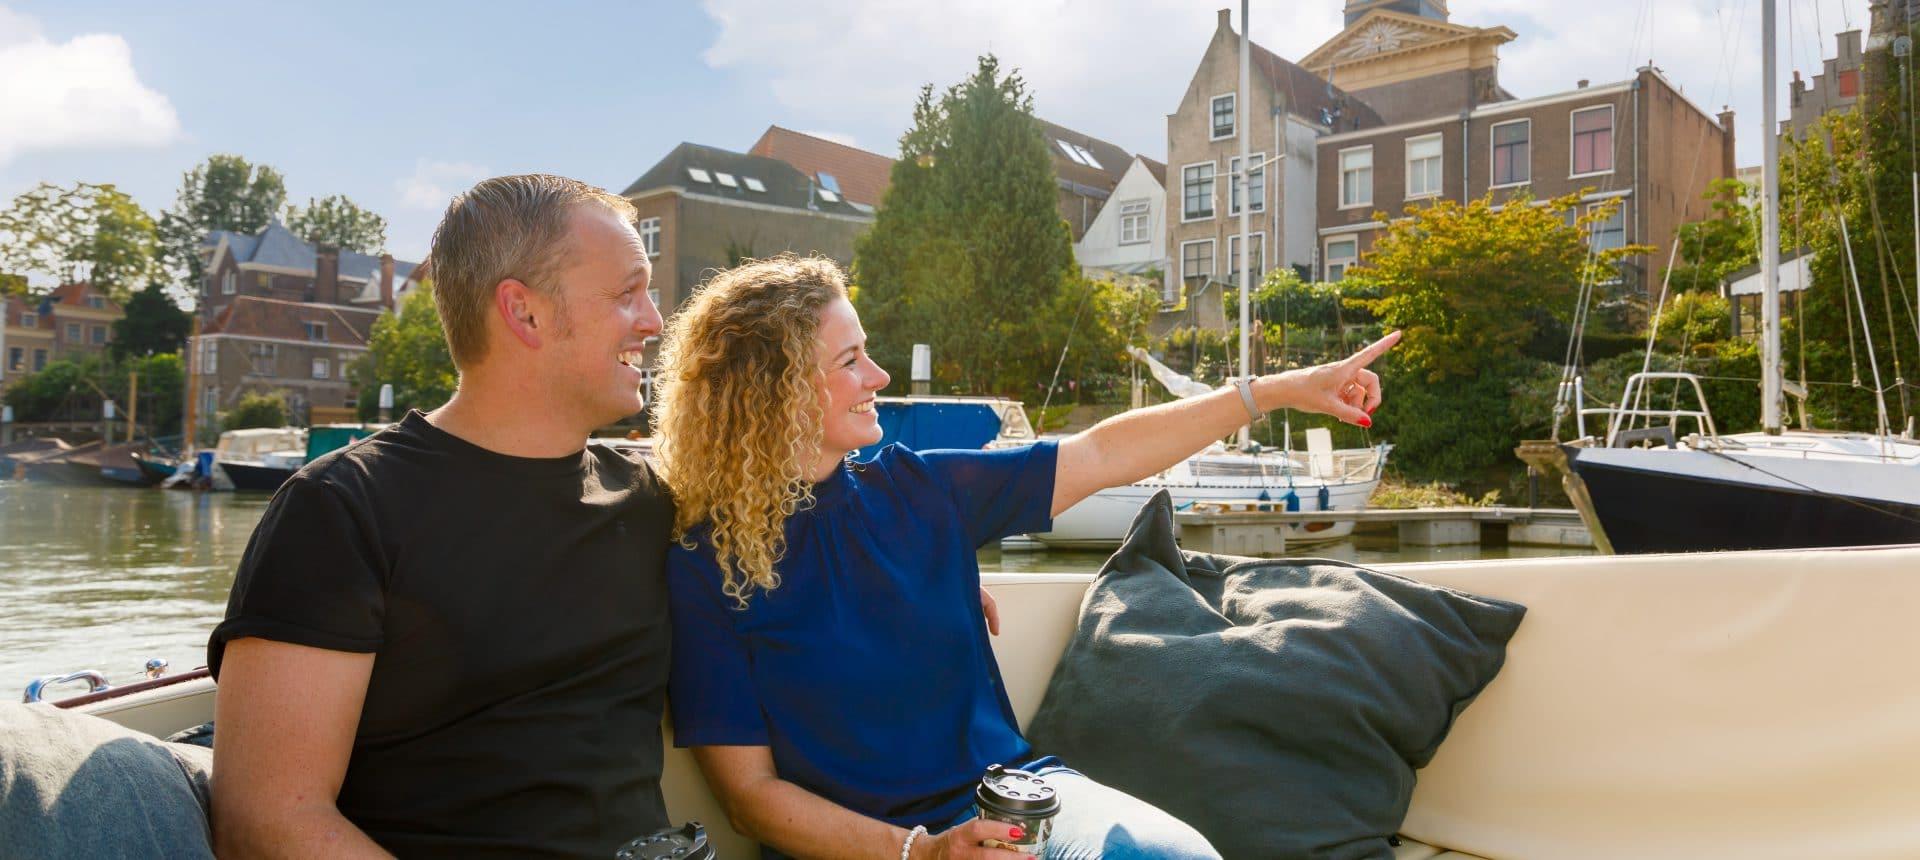 Mooi in de regio - Dordrecht